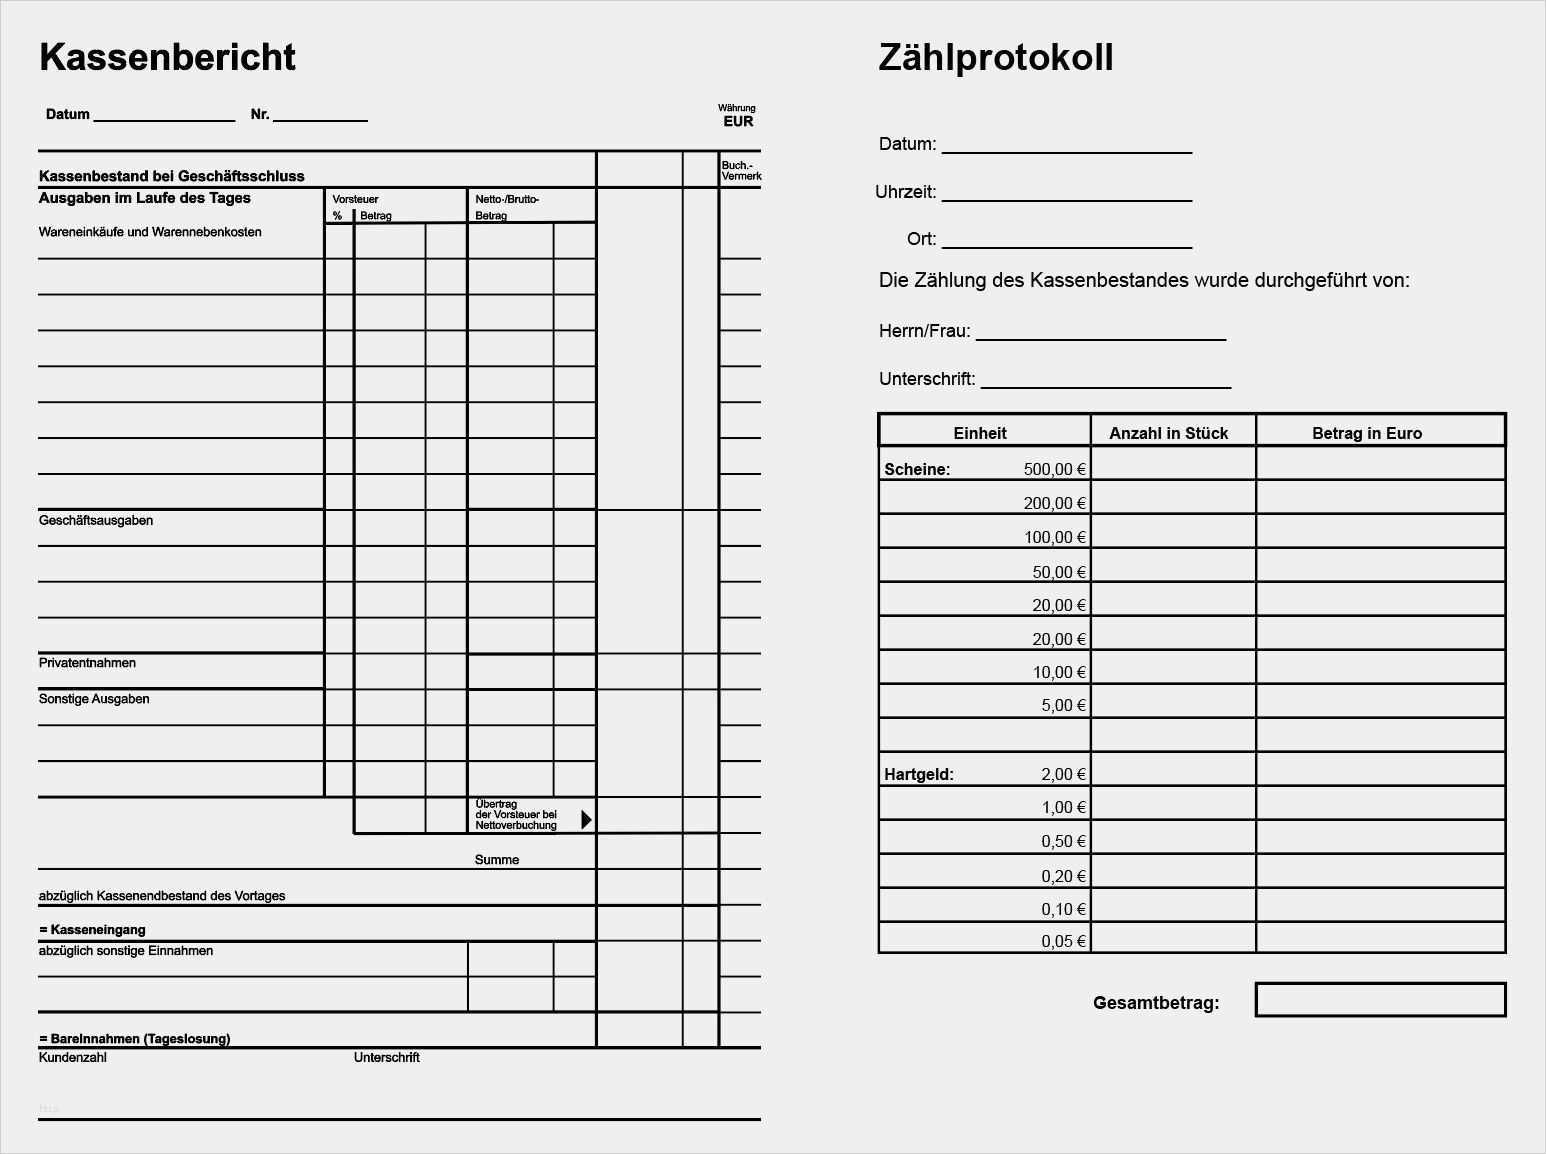 33 Bewundernswert Fuhrerschein Vorlage Pdf Foto Vorlagen Anschreiben Vorlage Excel Vorlage